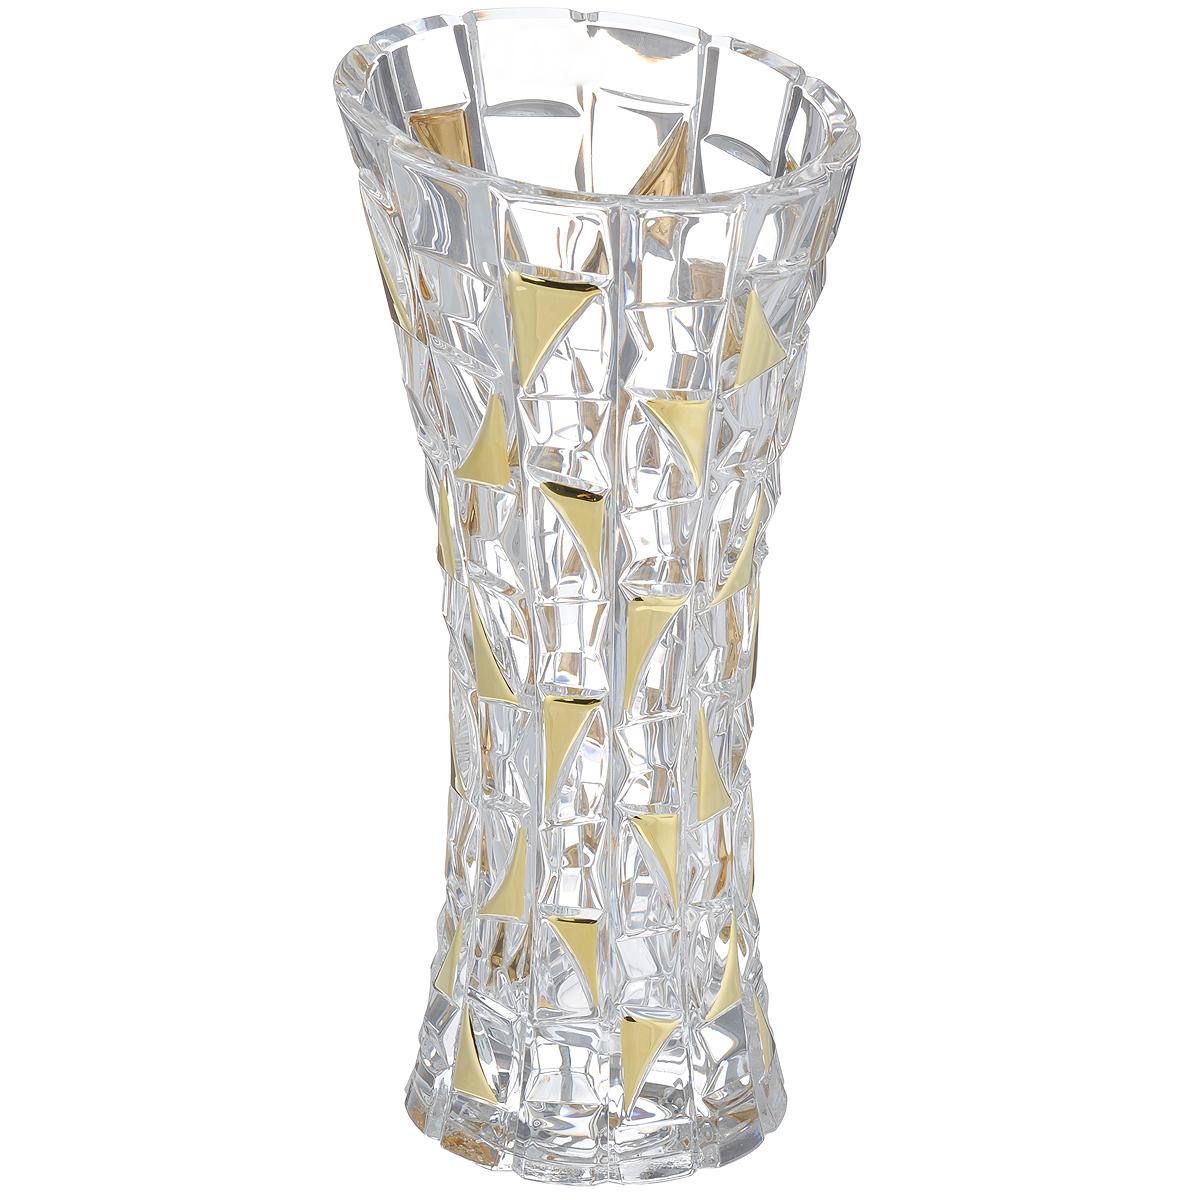 Ваза Crystal Bohemia Patriot Gold, высота 33 см. 990/80218/0/72232/330-109912911Изящная ваза Crystal Bohemia Patriot Gold изготовлена из хрусталя. Ваза оформленарельефным рисунком и вставками золотистого цвета, что делает ее изящным украшениеминтерьера.Ваза Crystal Bohemia Patriot Gold дополнит интерьер офиса или дома и станет желанным истильнымподарком. Высота вазы: 33 см.Диаметр вазы (по верхнему краю): 15 см.